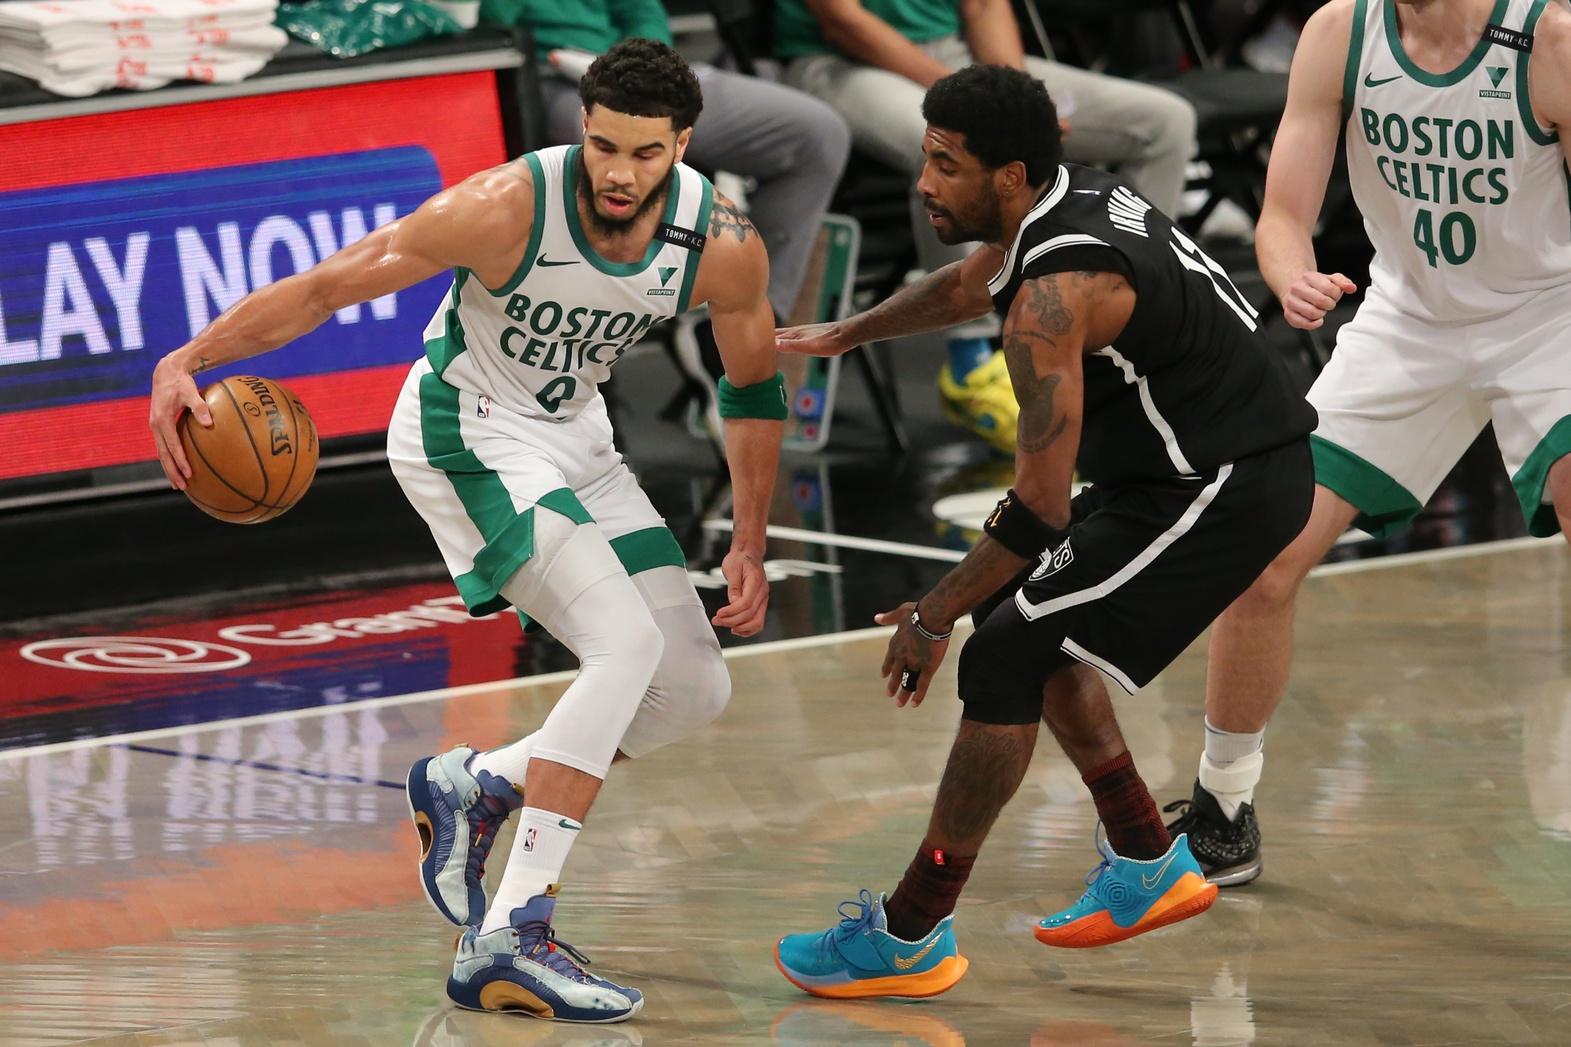 Rapid Recap: Celtics keep it close but drop ugly loss to Nets